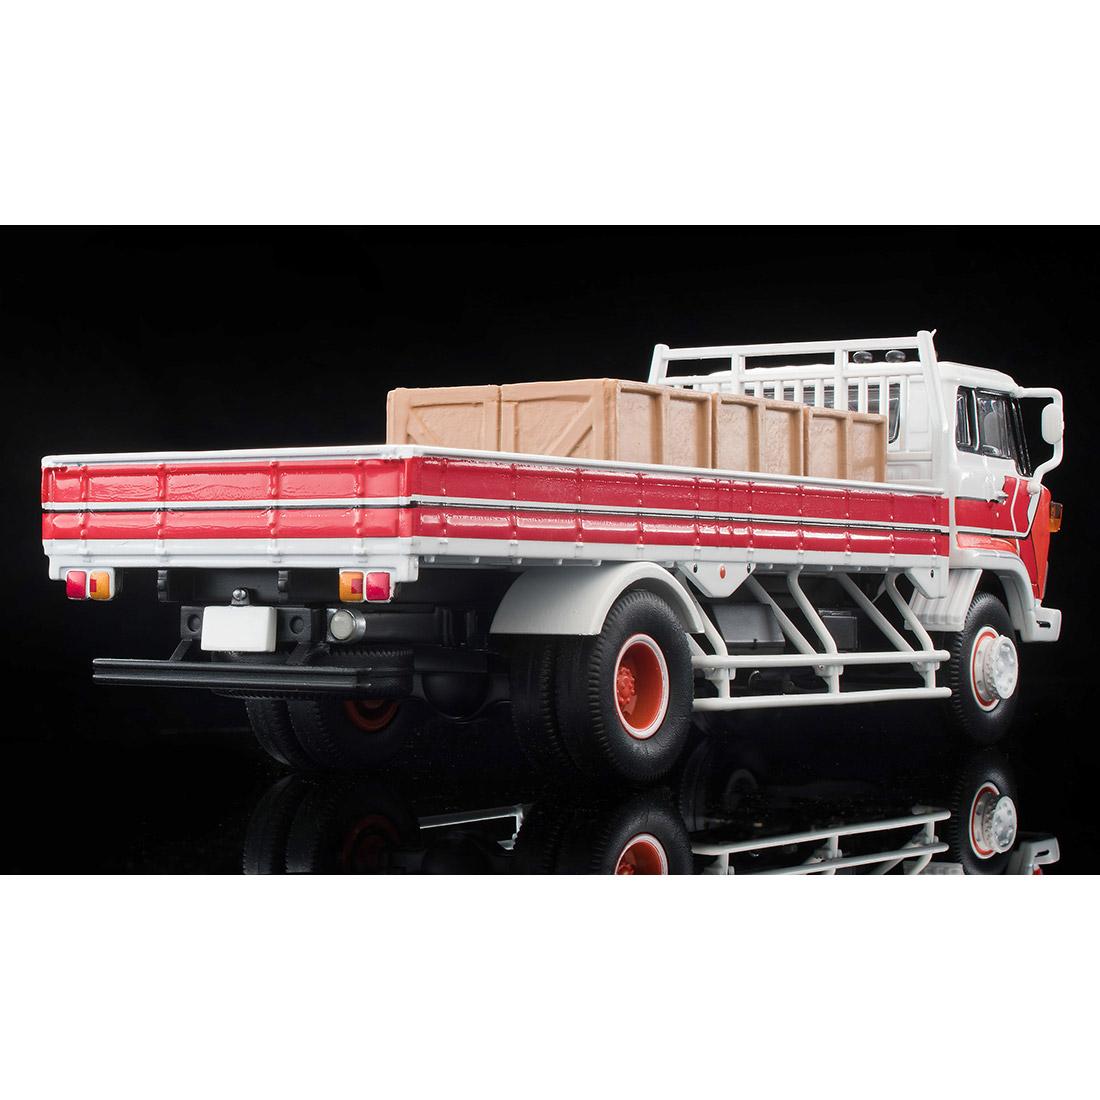 トミカリミテッド ヴィンテージ ネオ TLV-NEO『LV-N44d 日野KB324型トラック(赤/白)』ミニカー-009